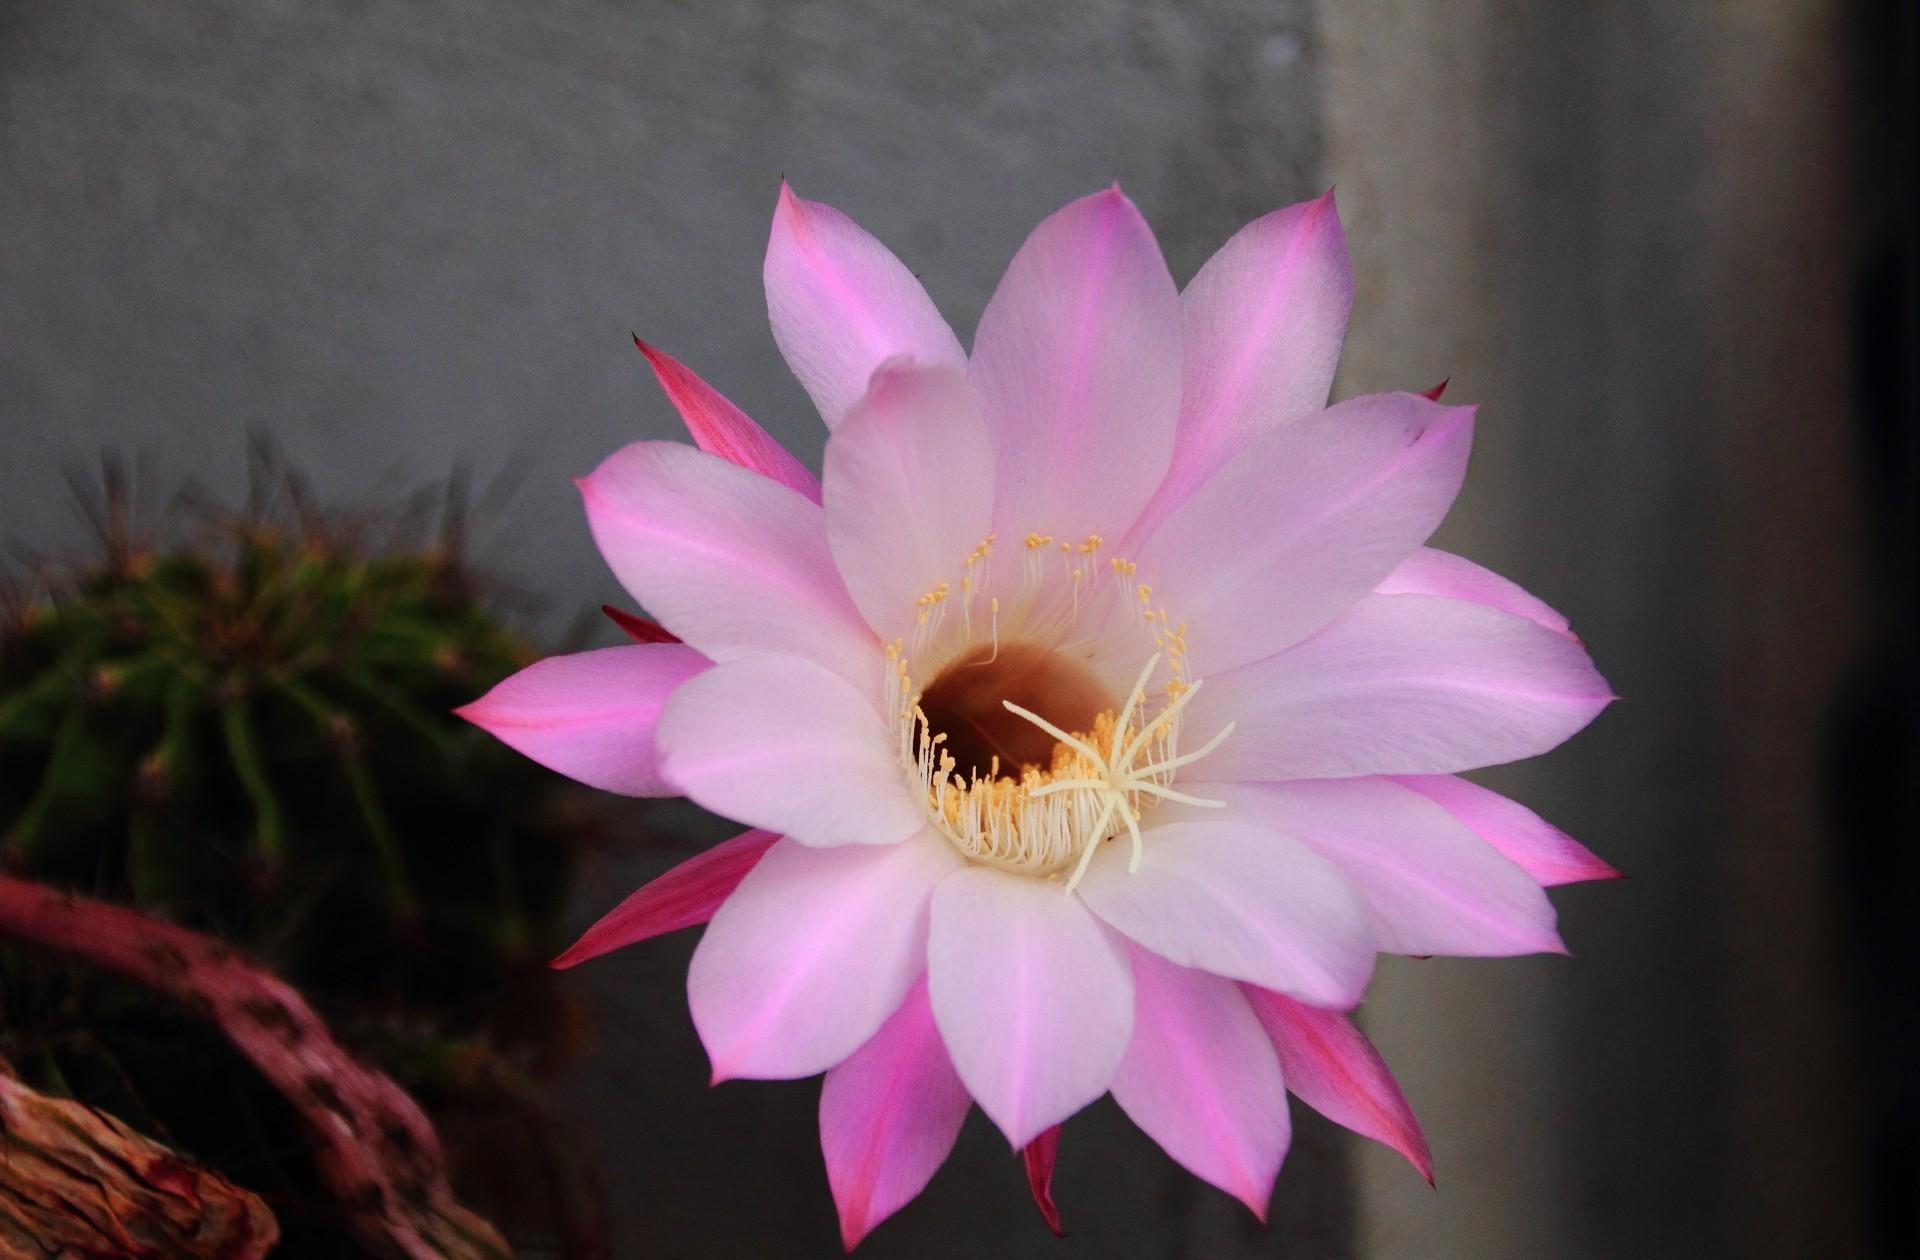 151917 descargar fondo de pantalla Flores, Cactus, Cacto, Florecer, Floración, Flor, Pétalos, Aguja: protectores de pantalla e imágenes gratis